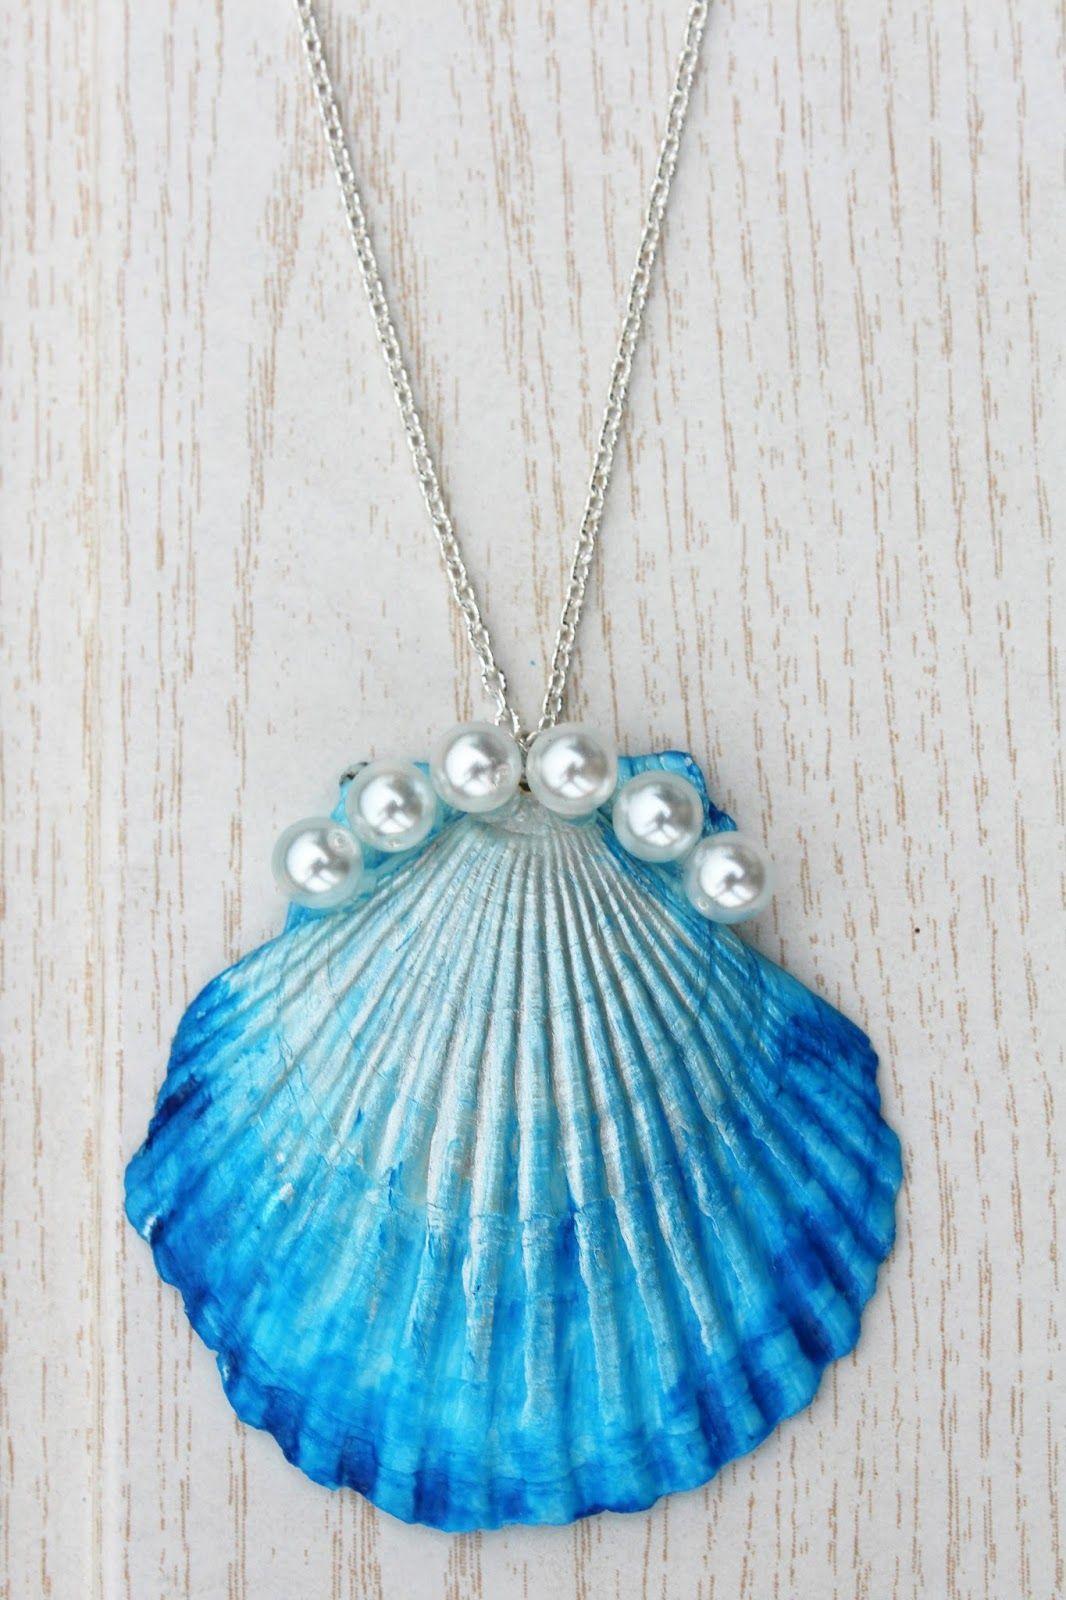 The mermaids candy diy dip dye muschel kette shell necklace the mermaids candy diy dip dye muschel kette shell necklace pearls do it solutioingenieria Gallery